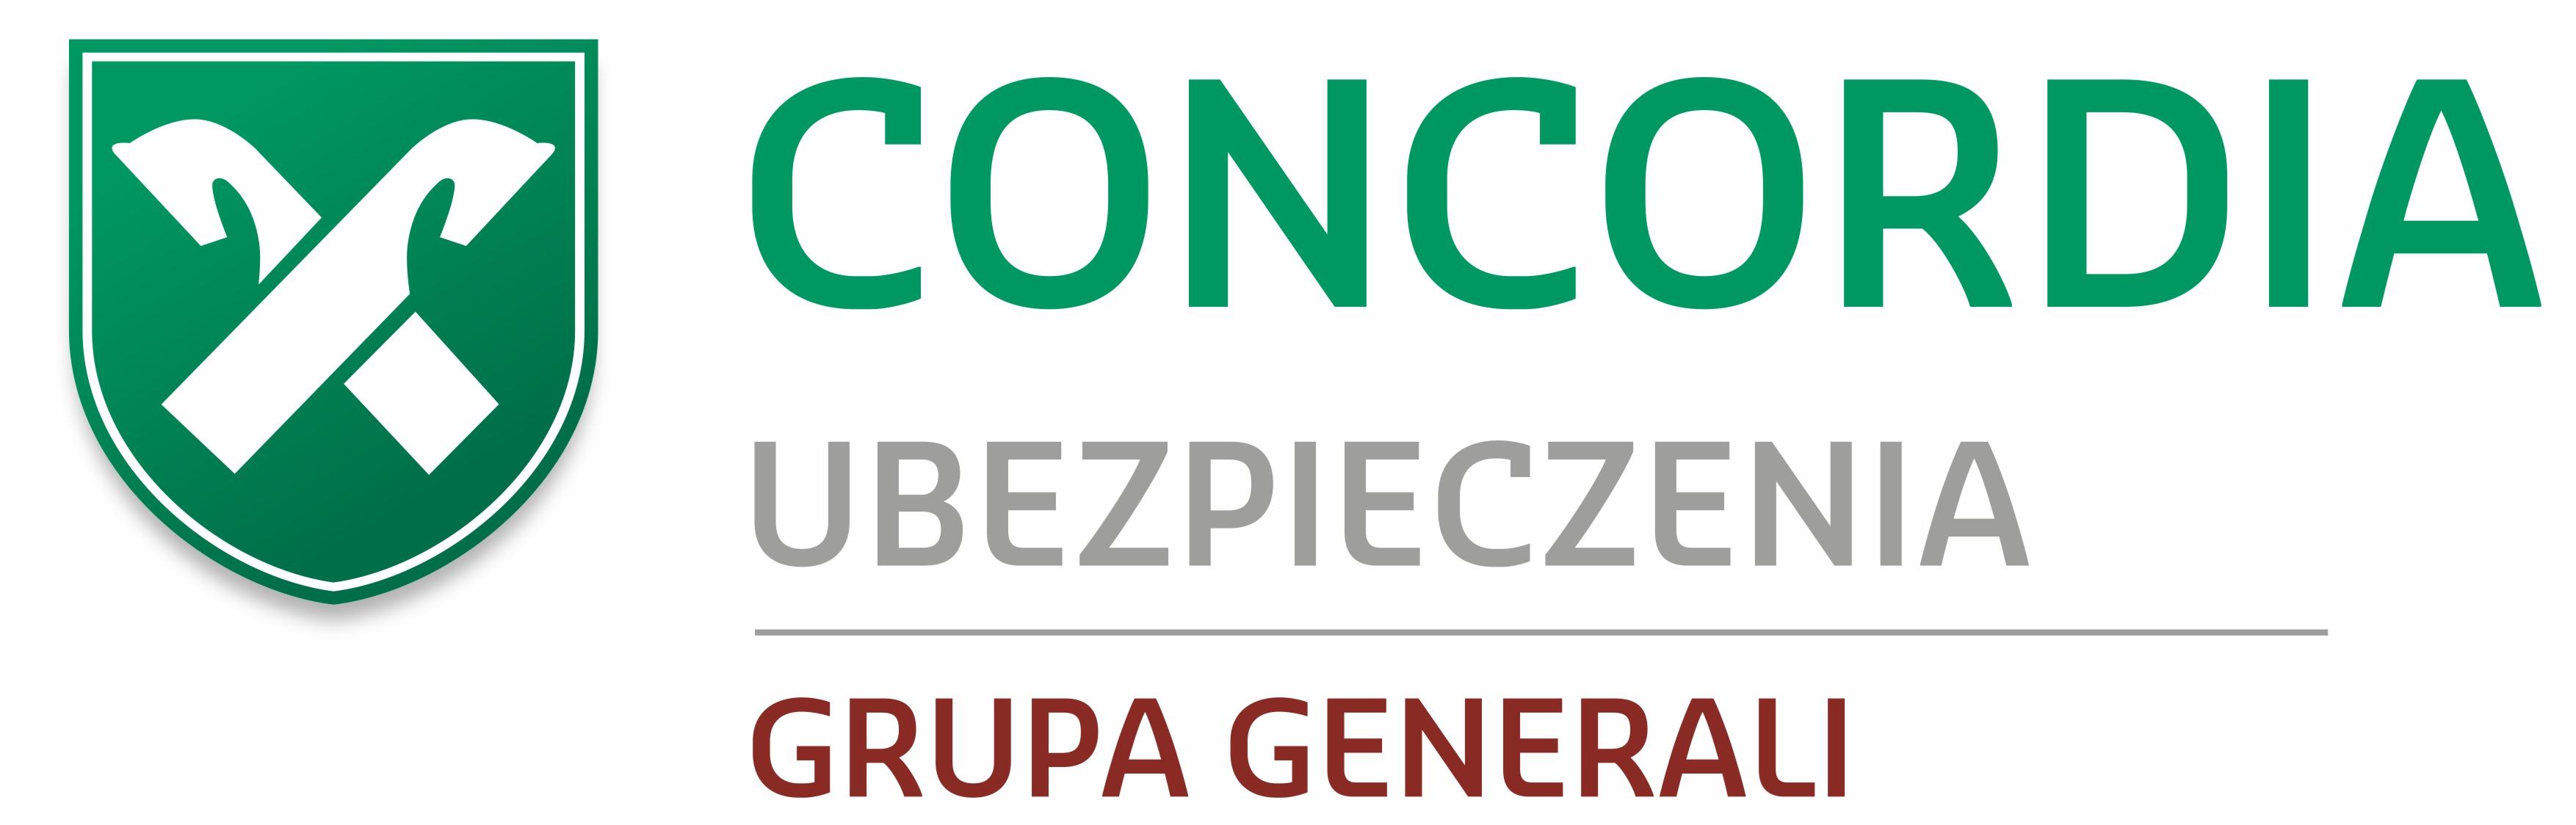 Concordia Ubezpieczenia logo